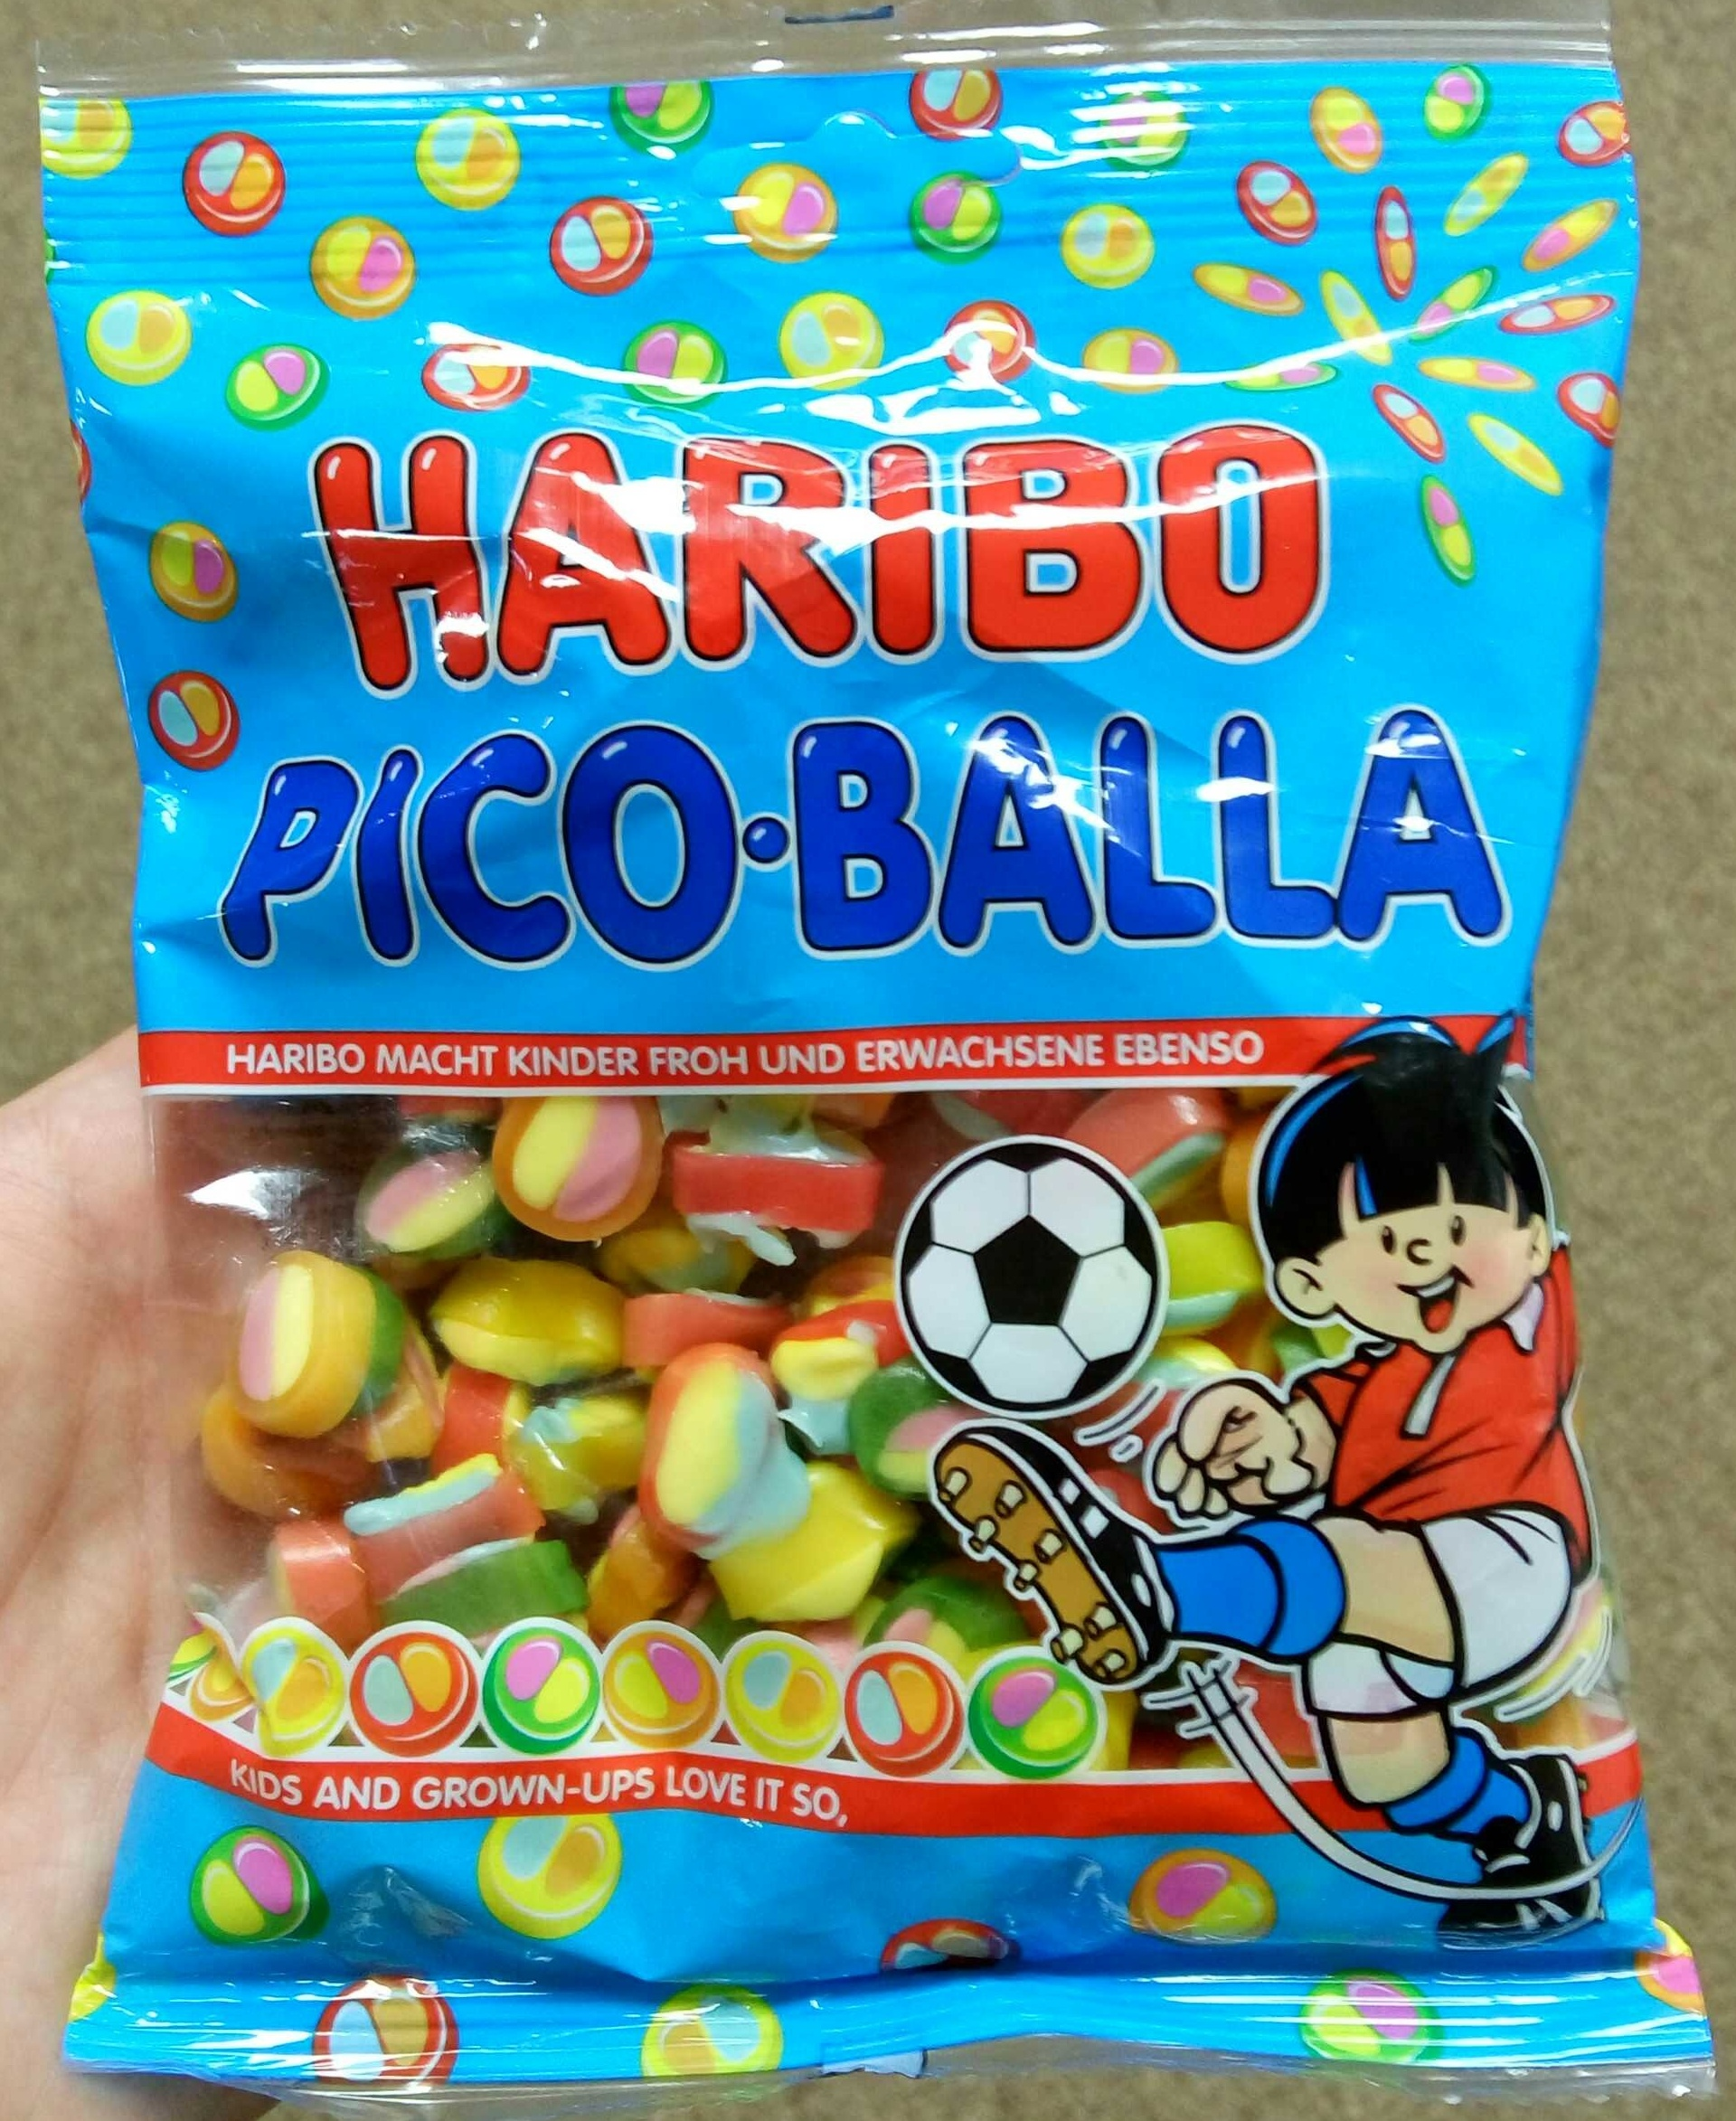 Pico-Balla - Product